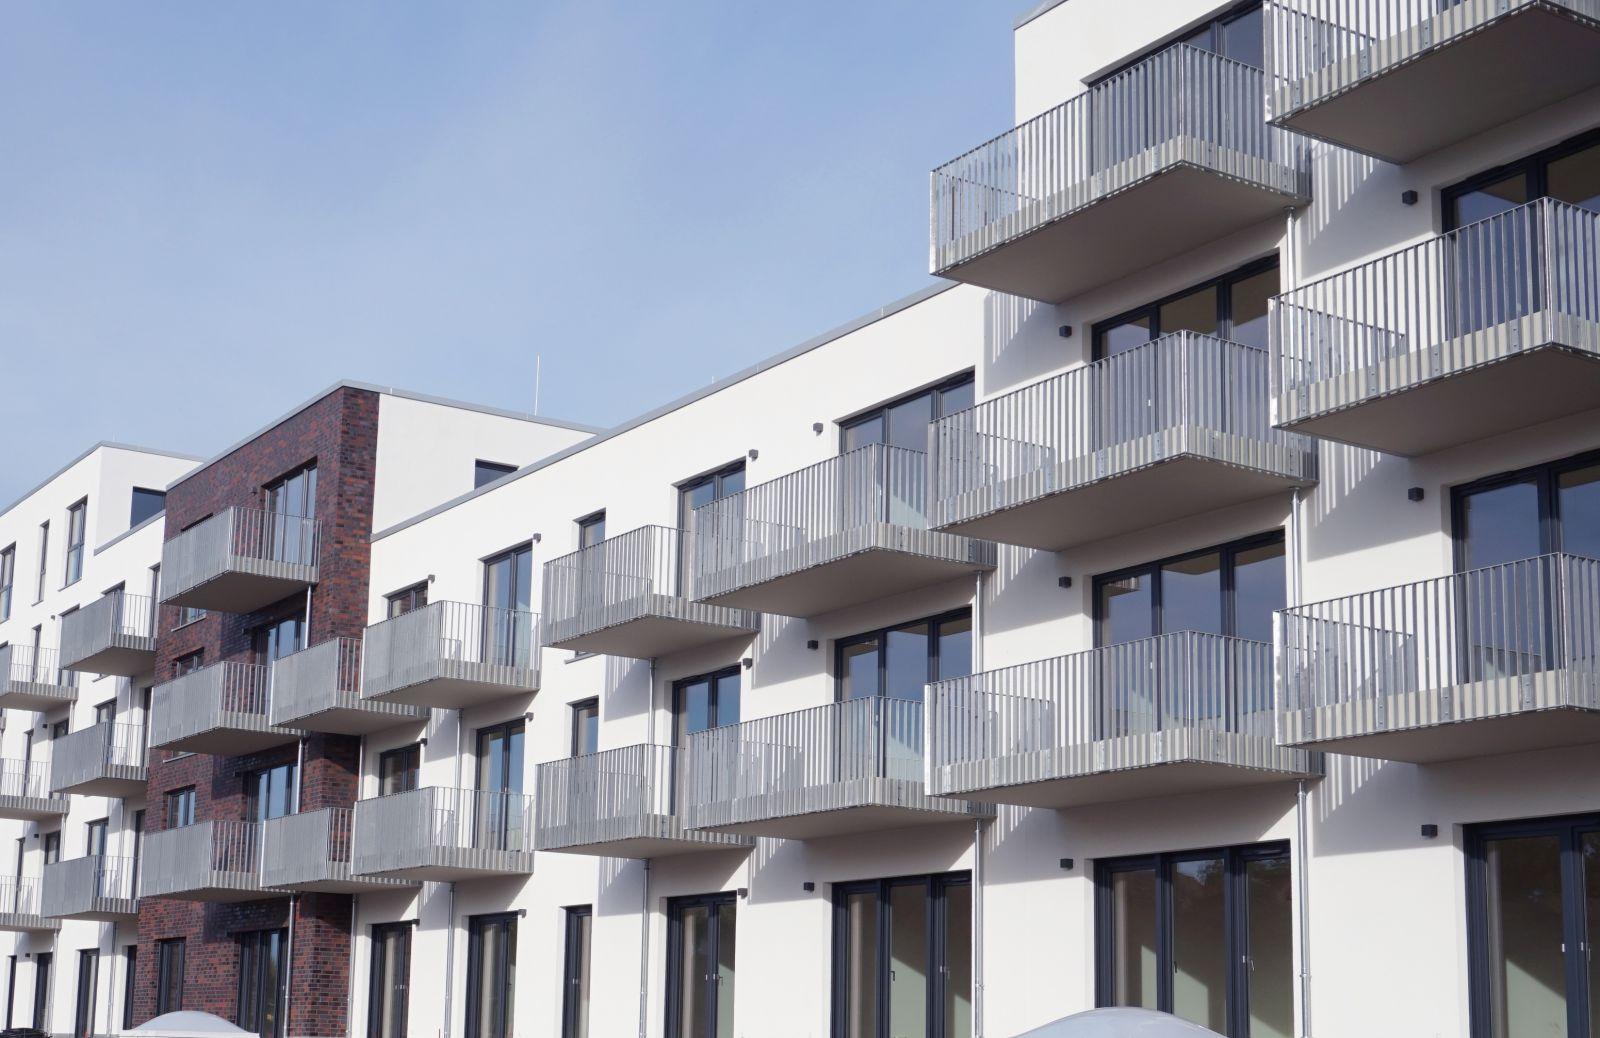 Vermietungsbeginn Für Wohnungen Im Ilmenaugarten Lüneburg